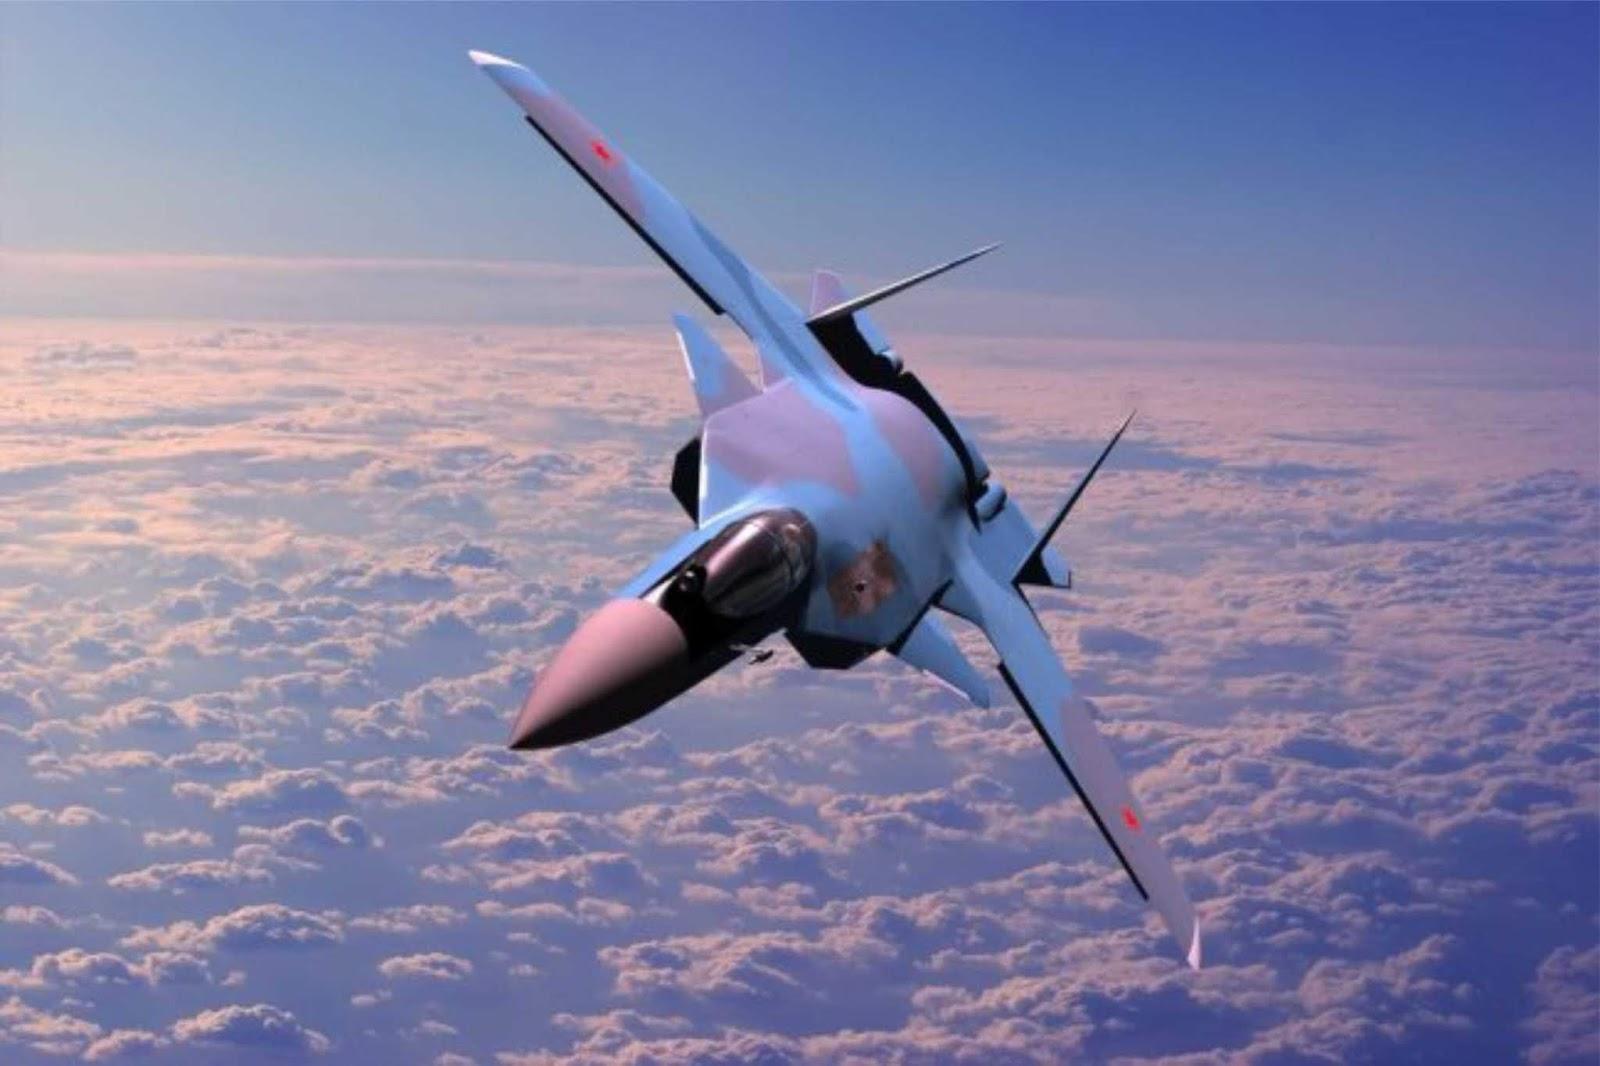 Penampakan model pesawat tempur generasi keenam Rusia secara tidak sengaja terlihat di publik